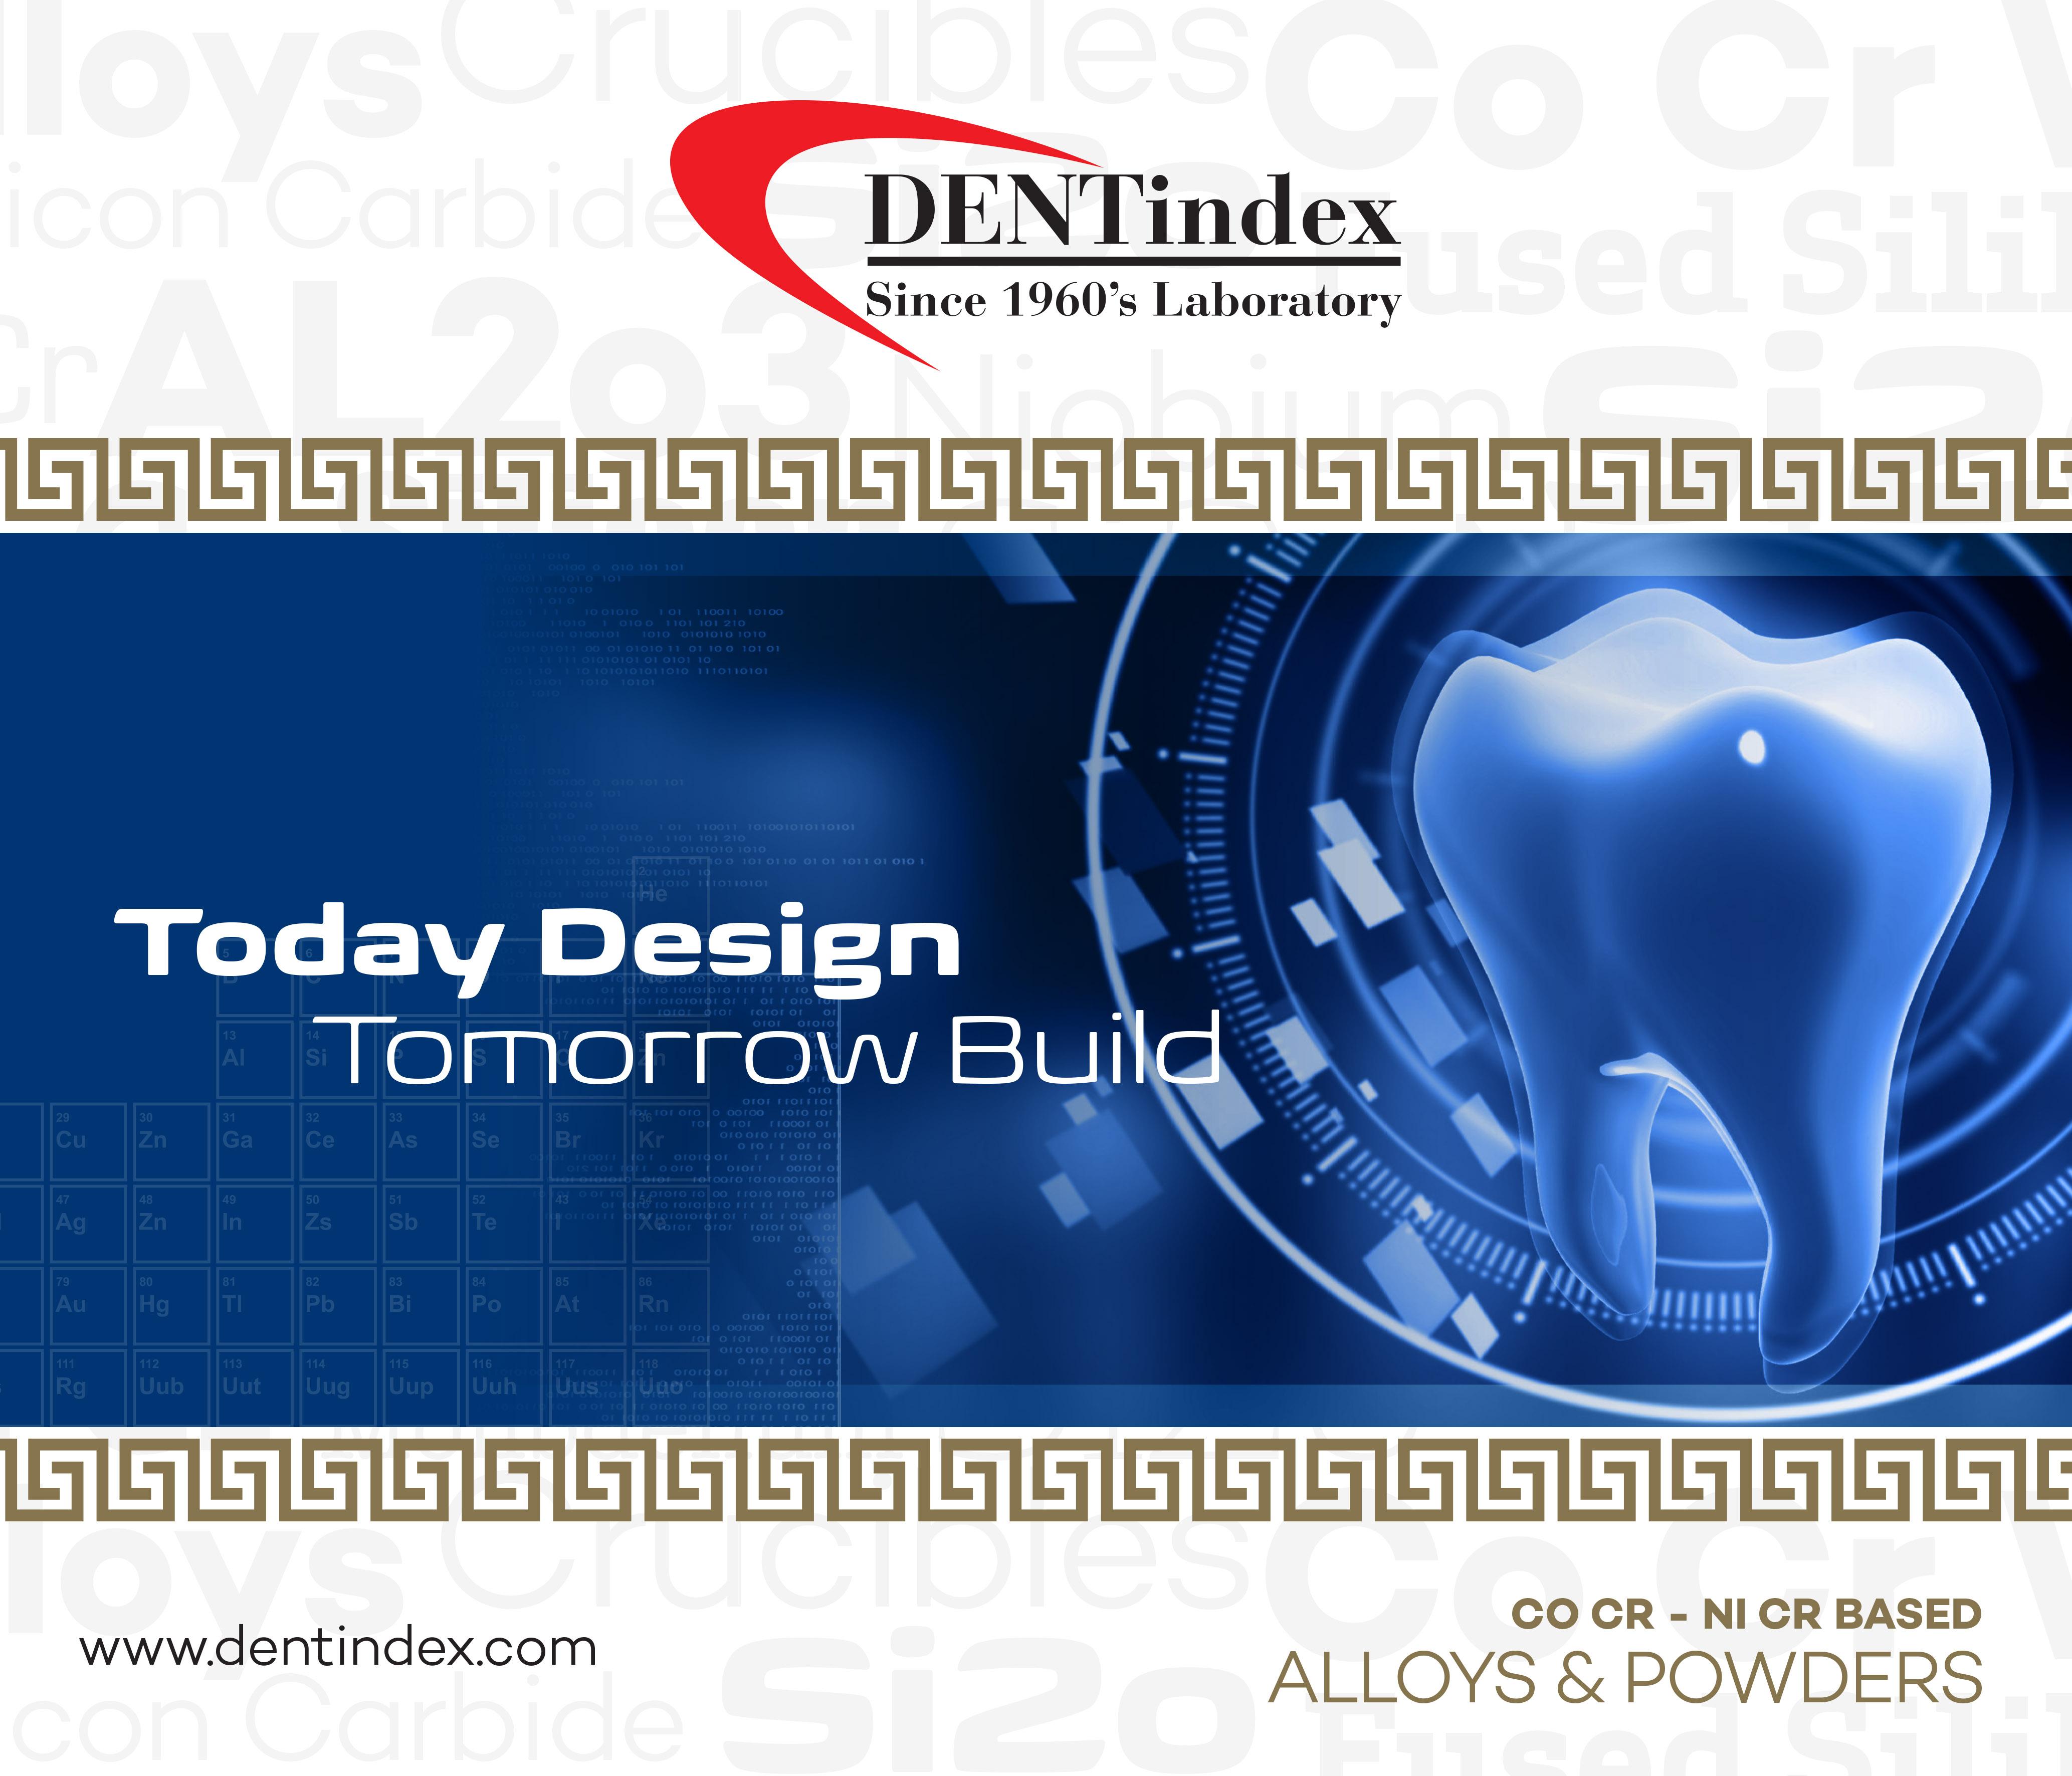 dentindex-01